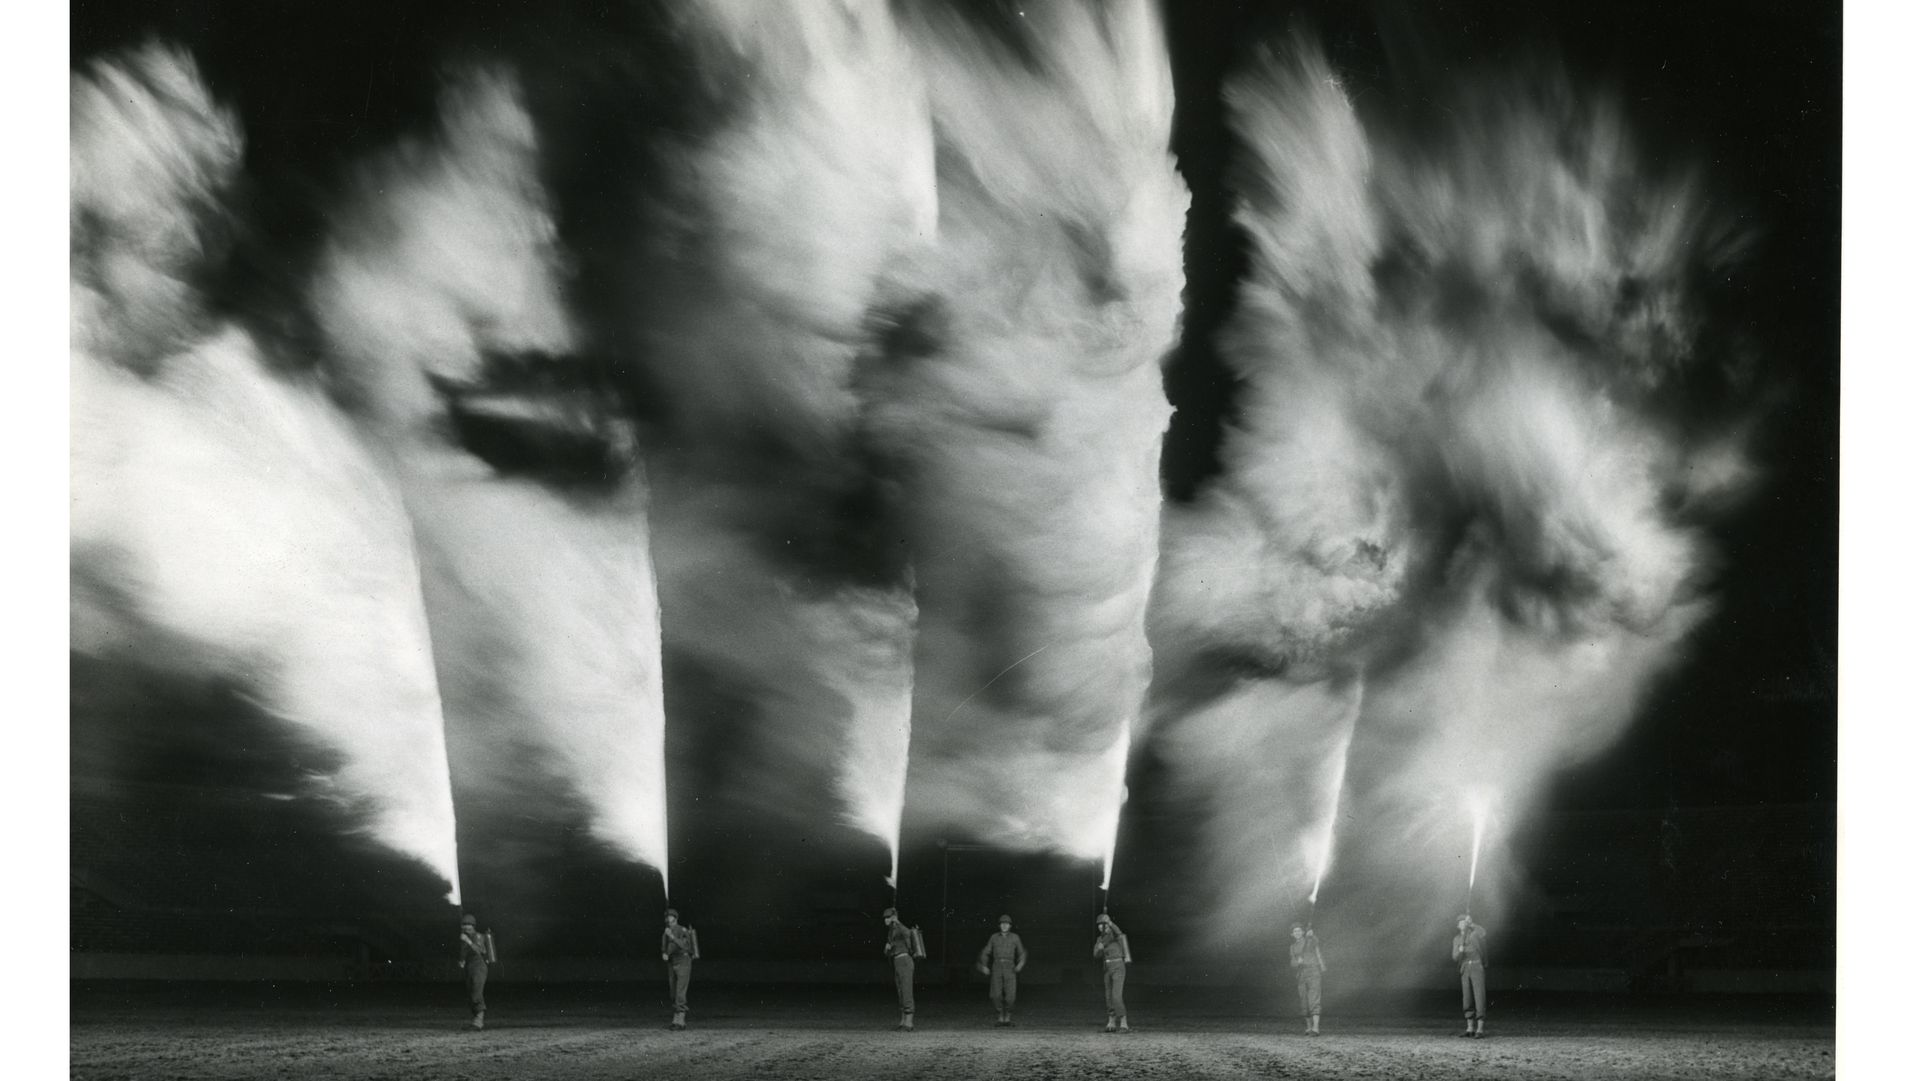 Flammekastere vises fram under et show 27. november 1942 i New Orleans, Louisiana i USA. Foto: Det amerikanske nationalarkivet.